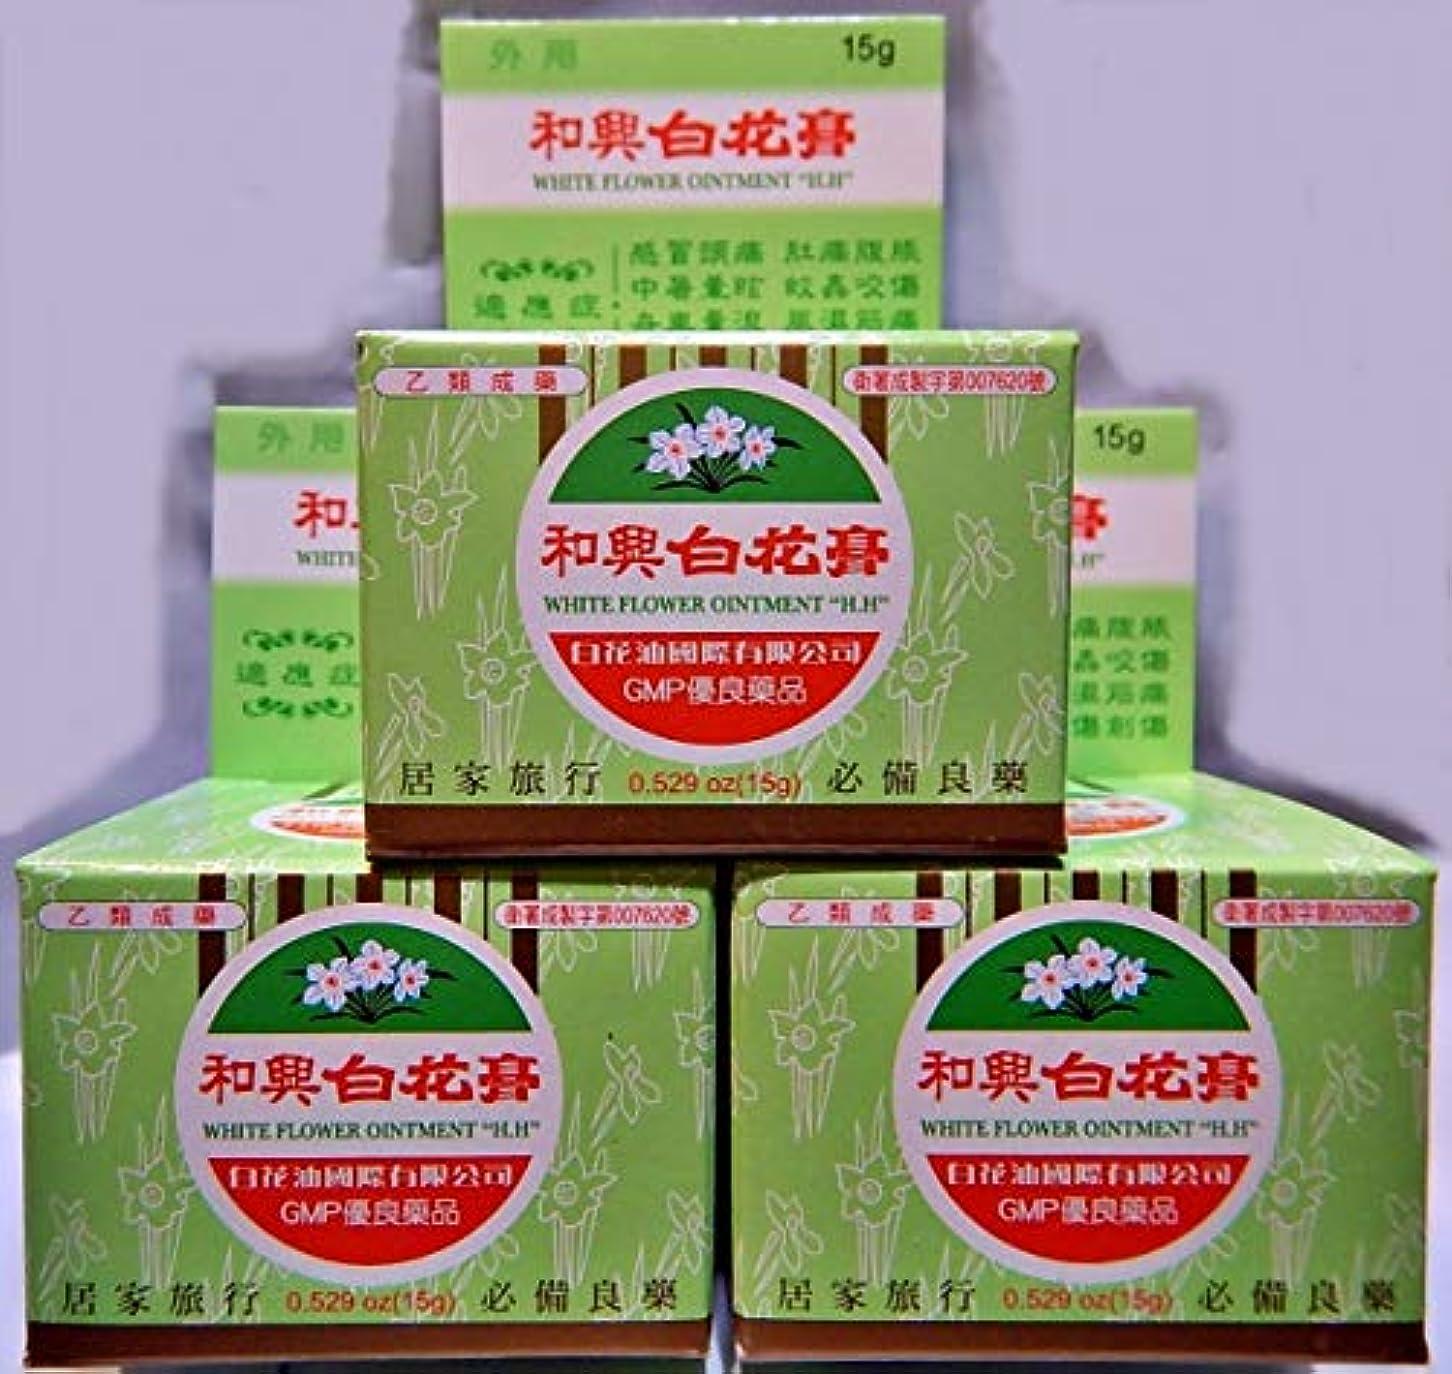 過度に奇跡的な背骨《和興》白花膏 15g(白花油軟膏タイプ)× 3個《台湾 お土産》 [並行輸入品]